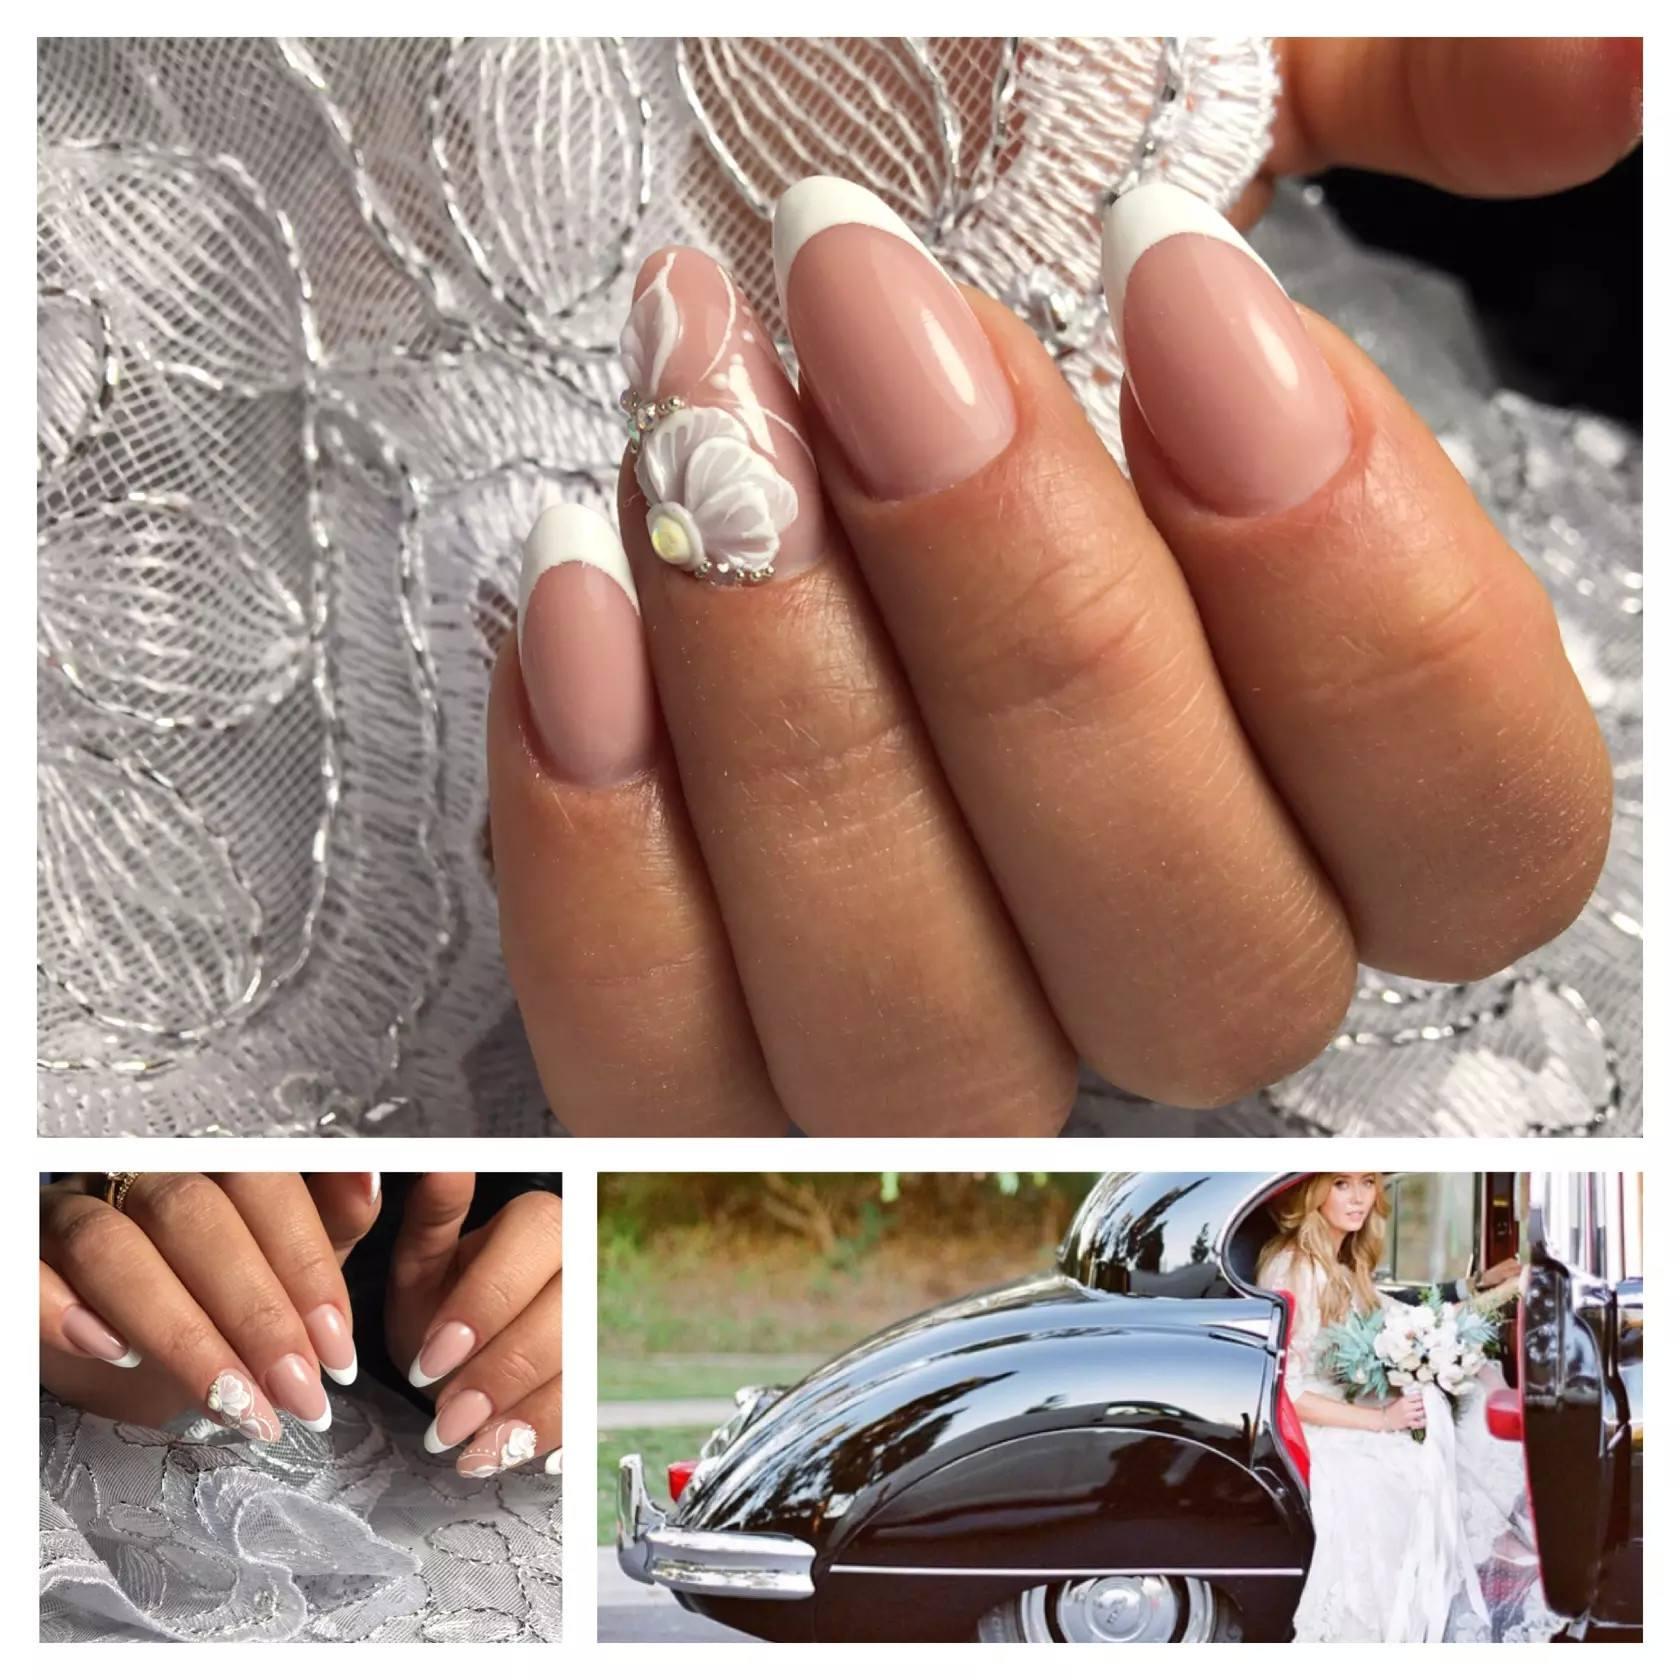 Свежие новинки модного маникюра 2020-2021: сезонные тенденции, идеи, красивый дизайн ногтей